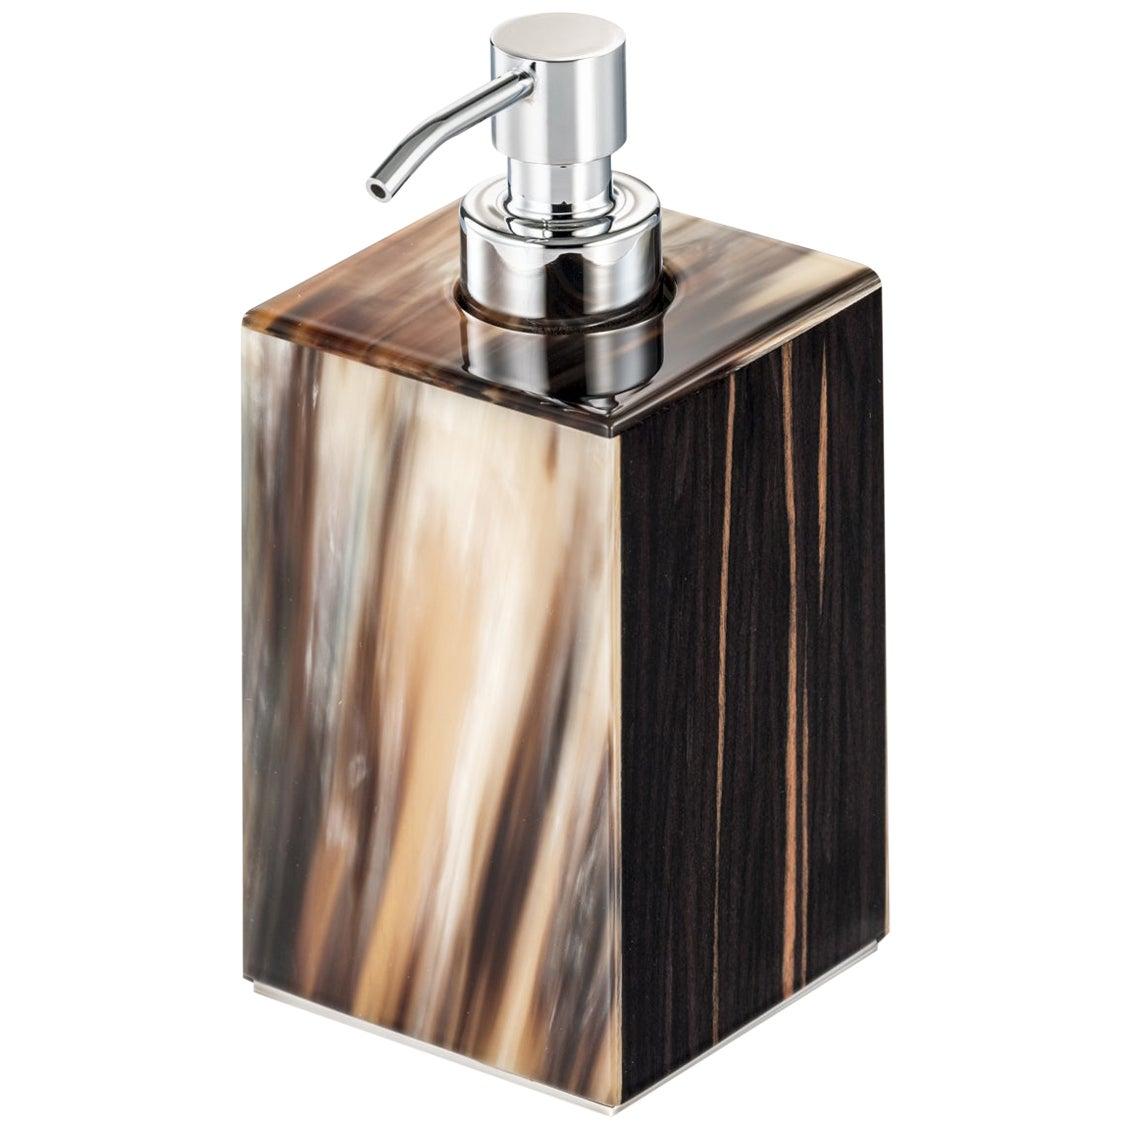 Iris Soap Dispenser in Glossy Ebony with Corno Italiano Inlays Mod. 4771